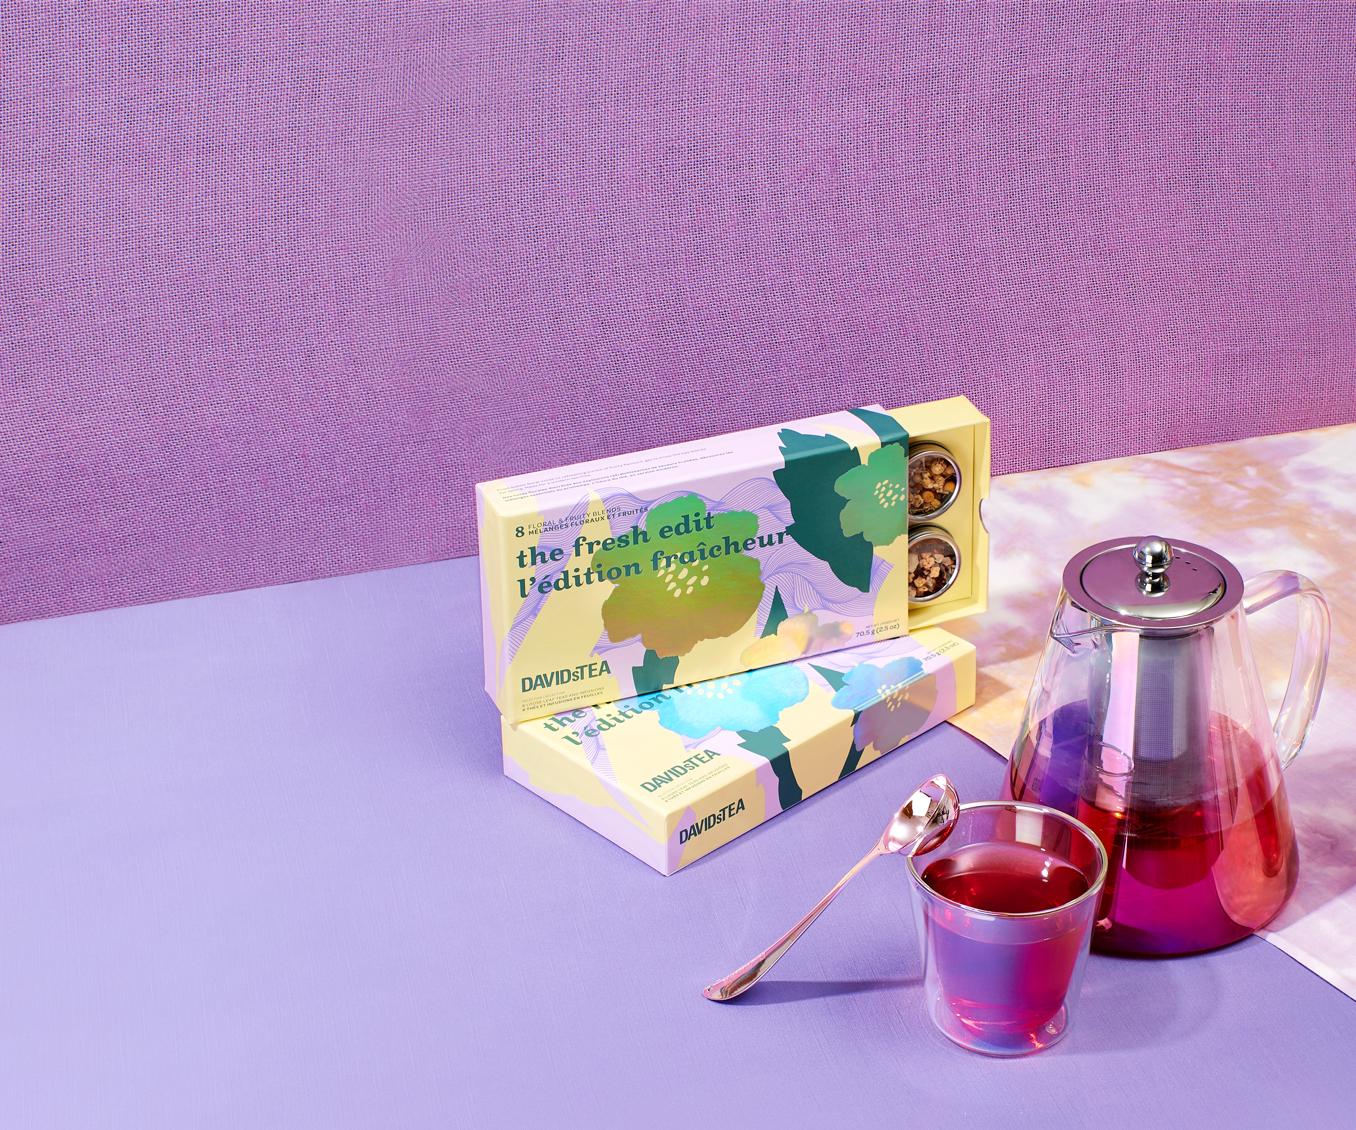 Une théière et des tasses remplies de thé à côté d'un coffret dégustation de 8 thés l'édition fraîcheur.